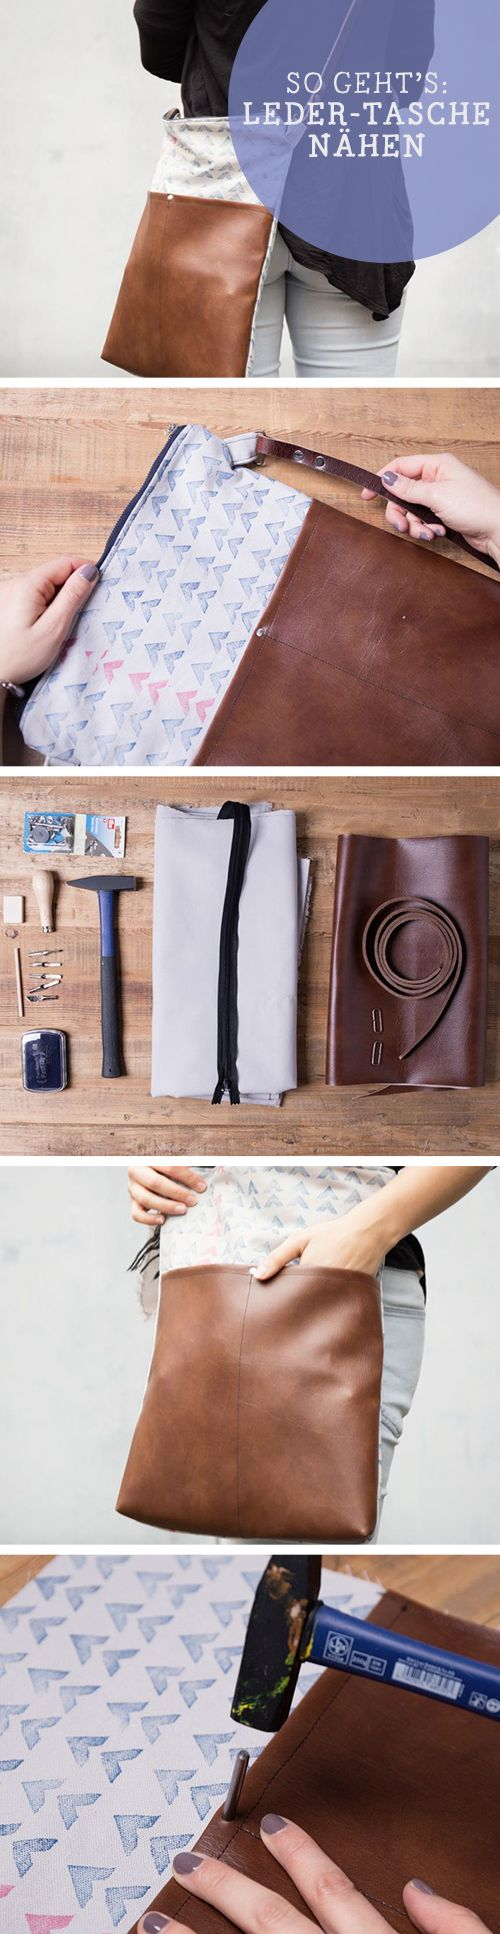 Kostenlose Anleitung: Ledertasche nähen und bedrucken free diy tutorial: sew your own leather bag